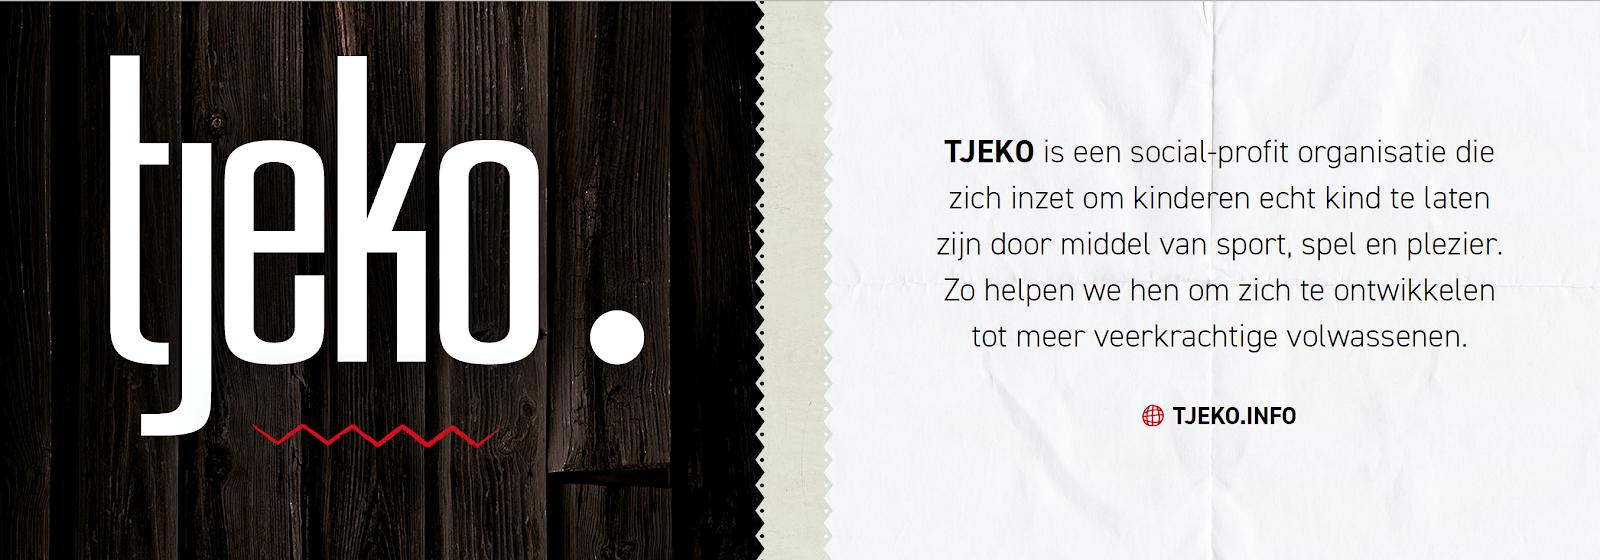 Meet the work of Tjeko